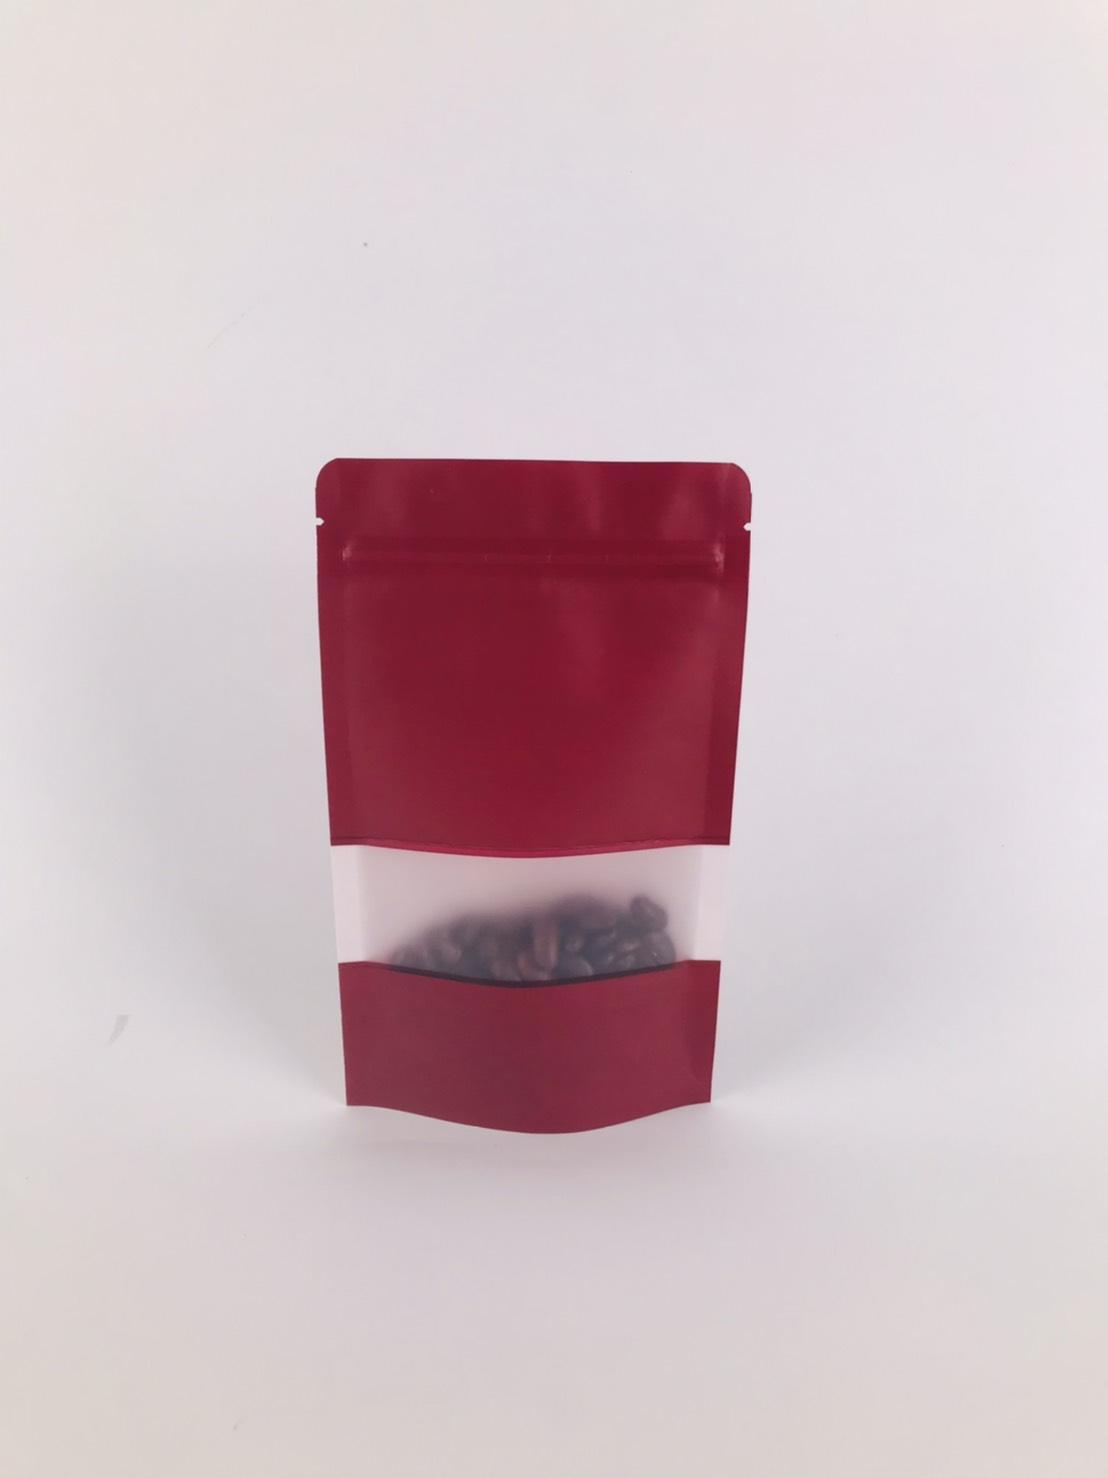 ถุงซิปล็อค ถุงกระดาษคราฟท์ ถุงคราฟท์ มีหน้าต่าง ตั้งได้ สีแดง 10×15 ซม. [50 ใบ]